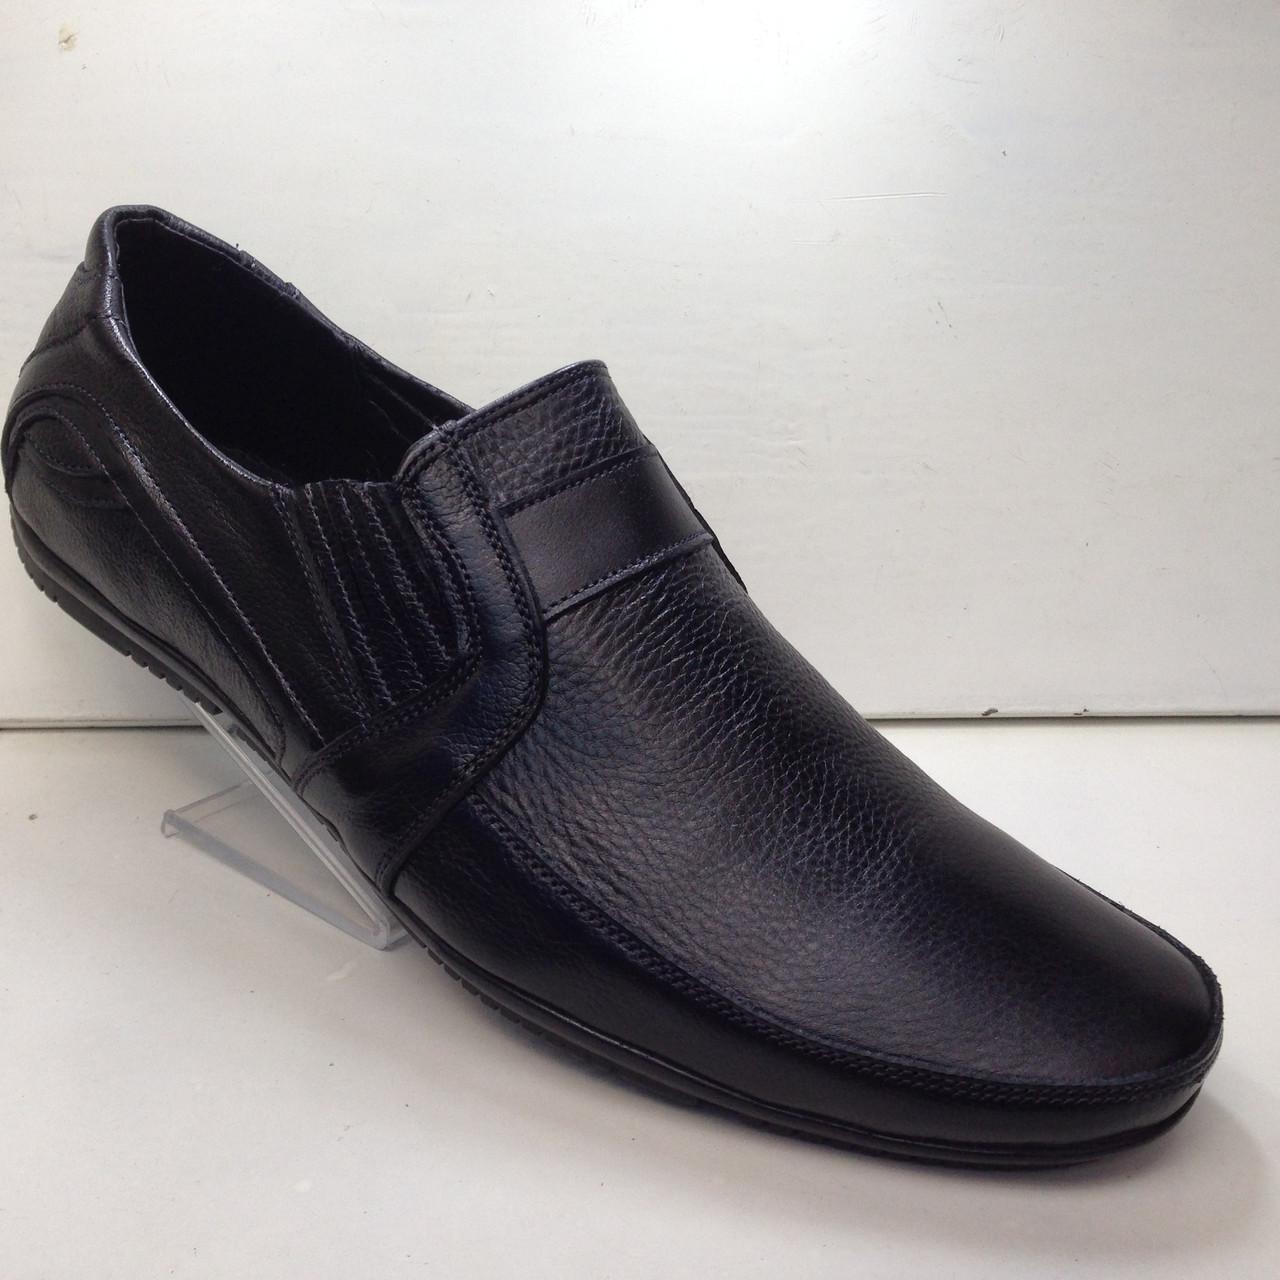 Мужские кожаные туфли/мокасины (большой размер) 46, 47